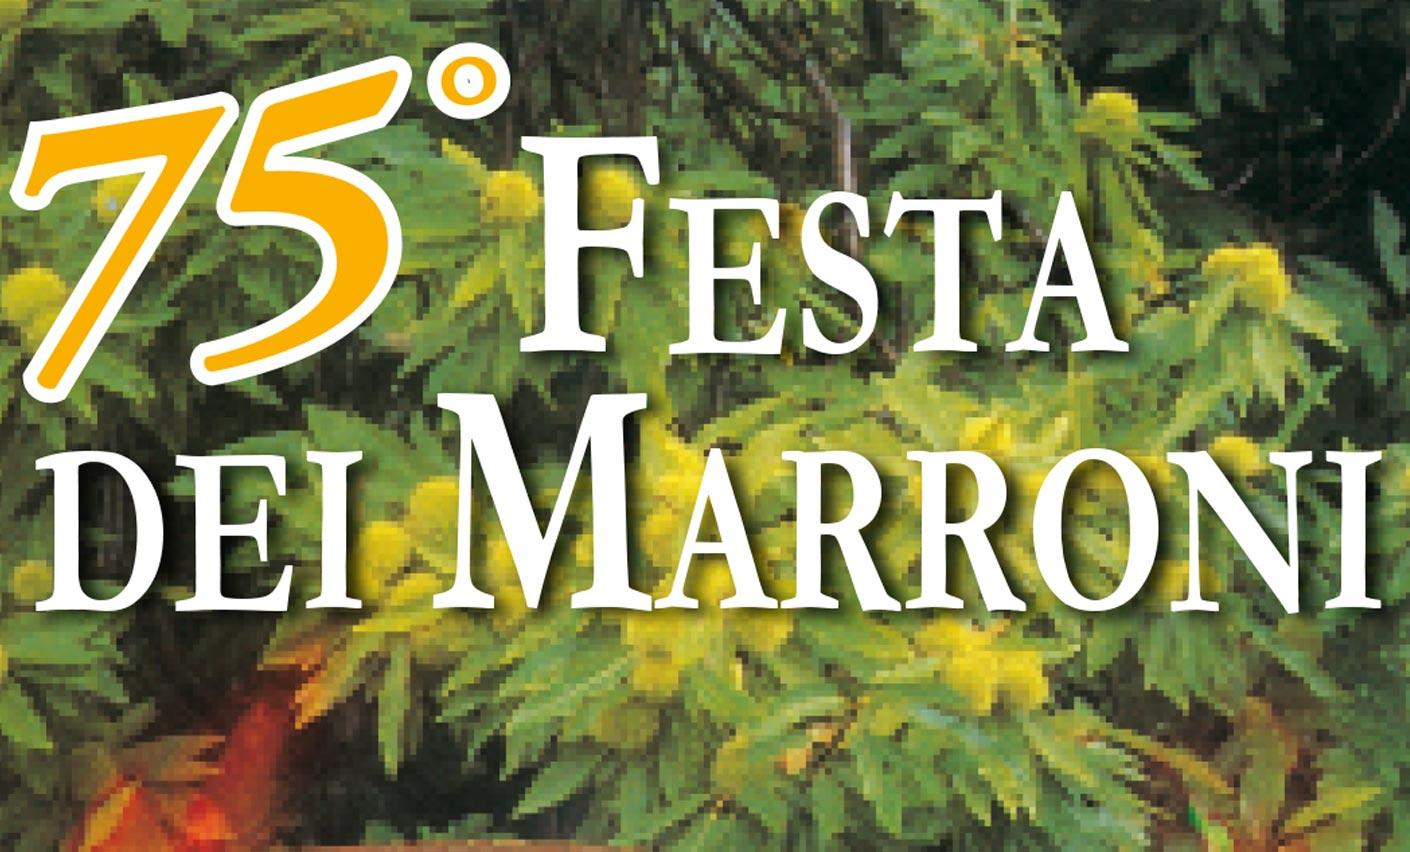 75° festa dei Marroni